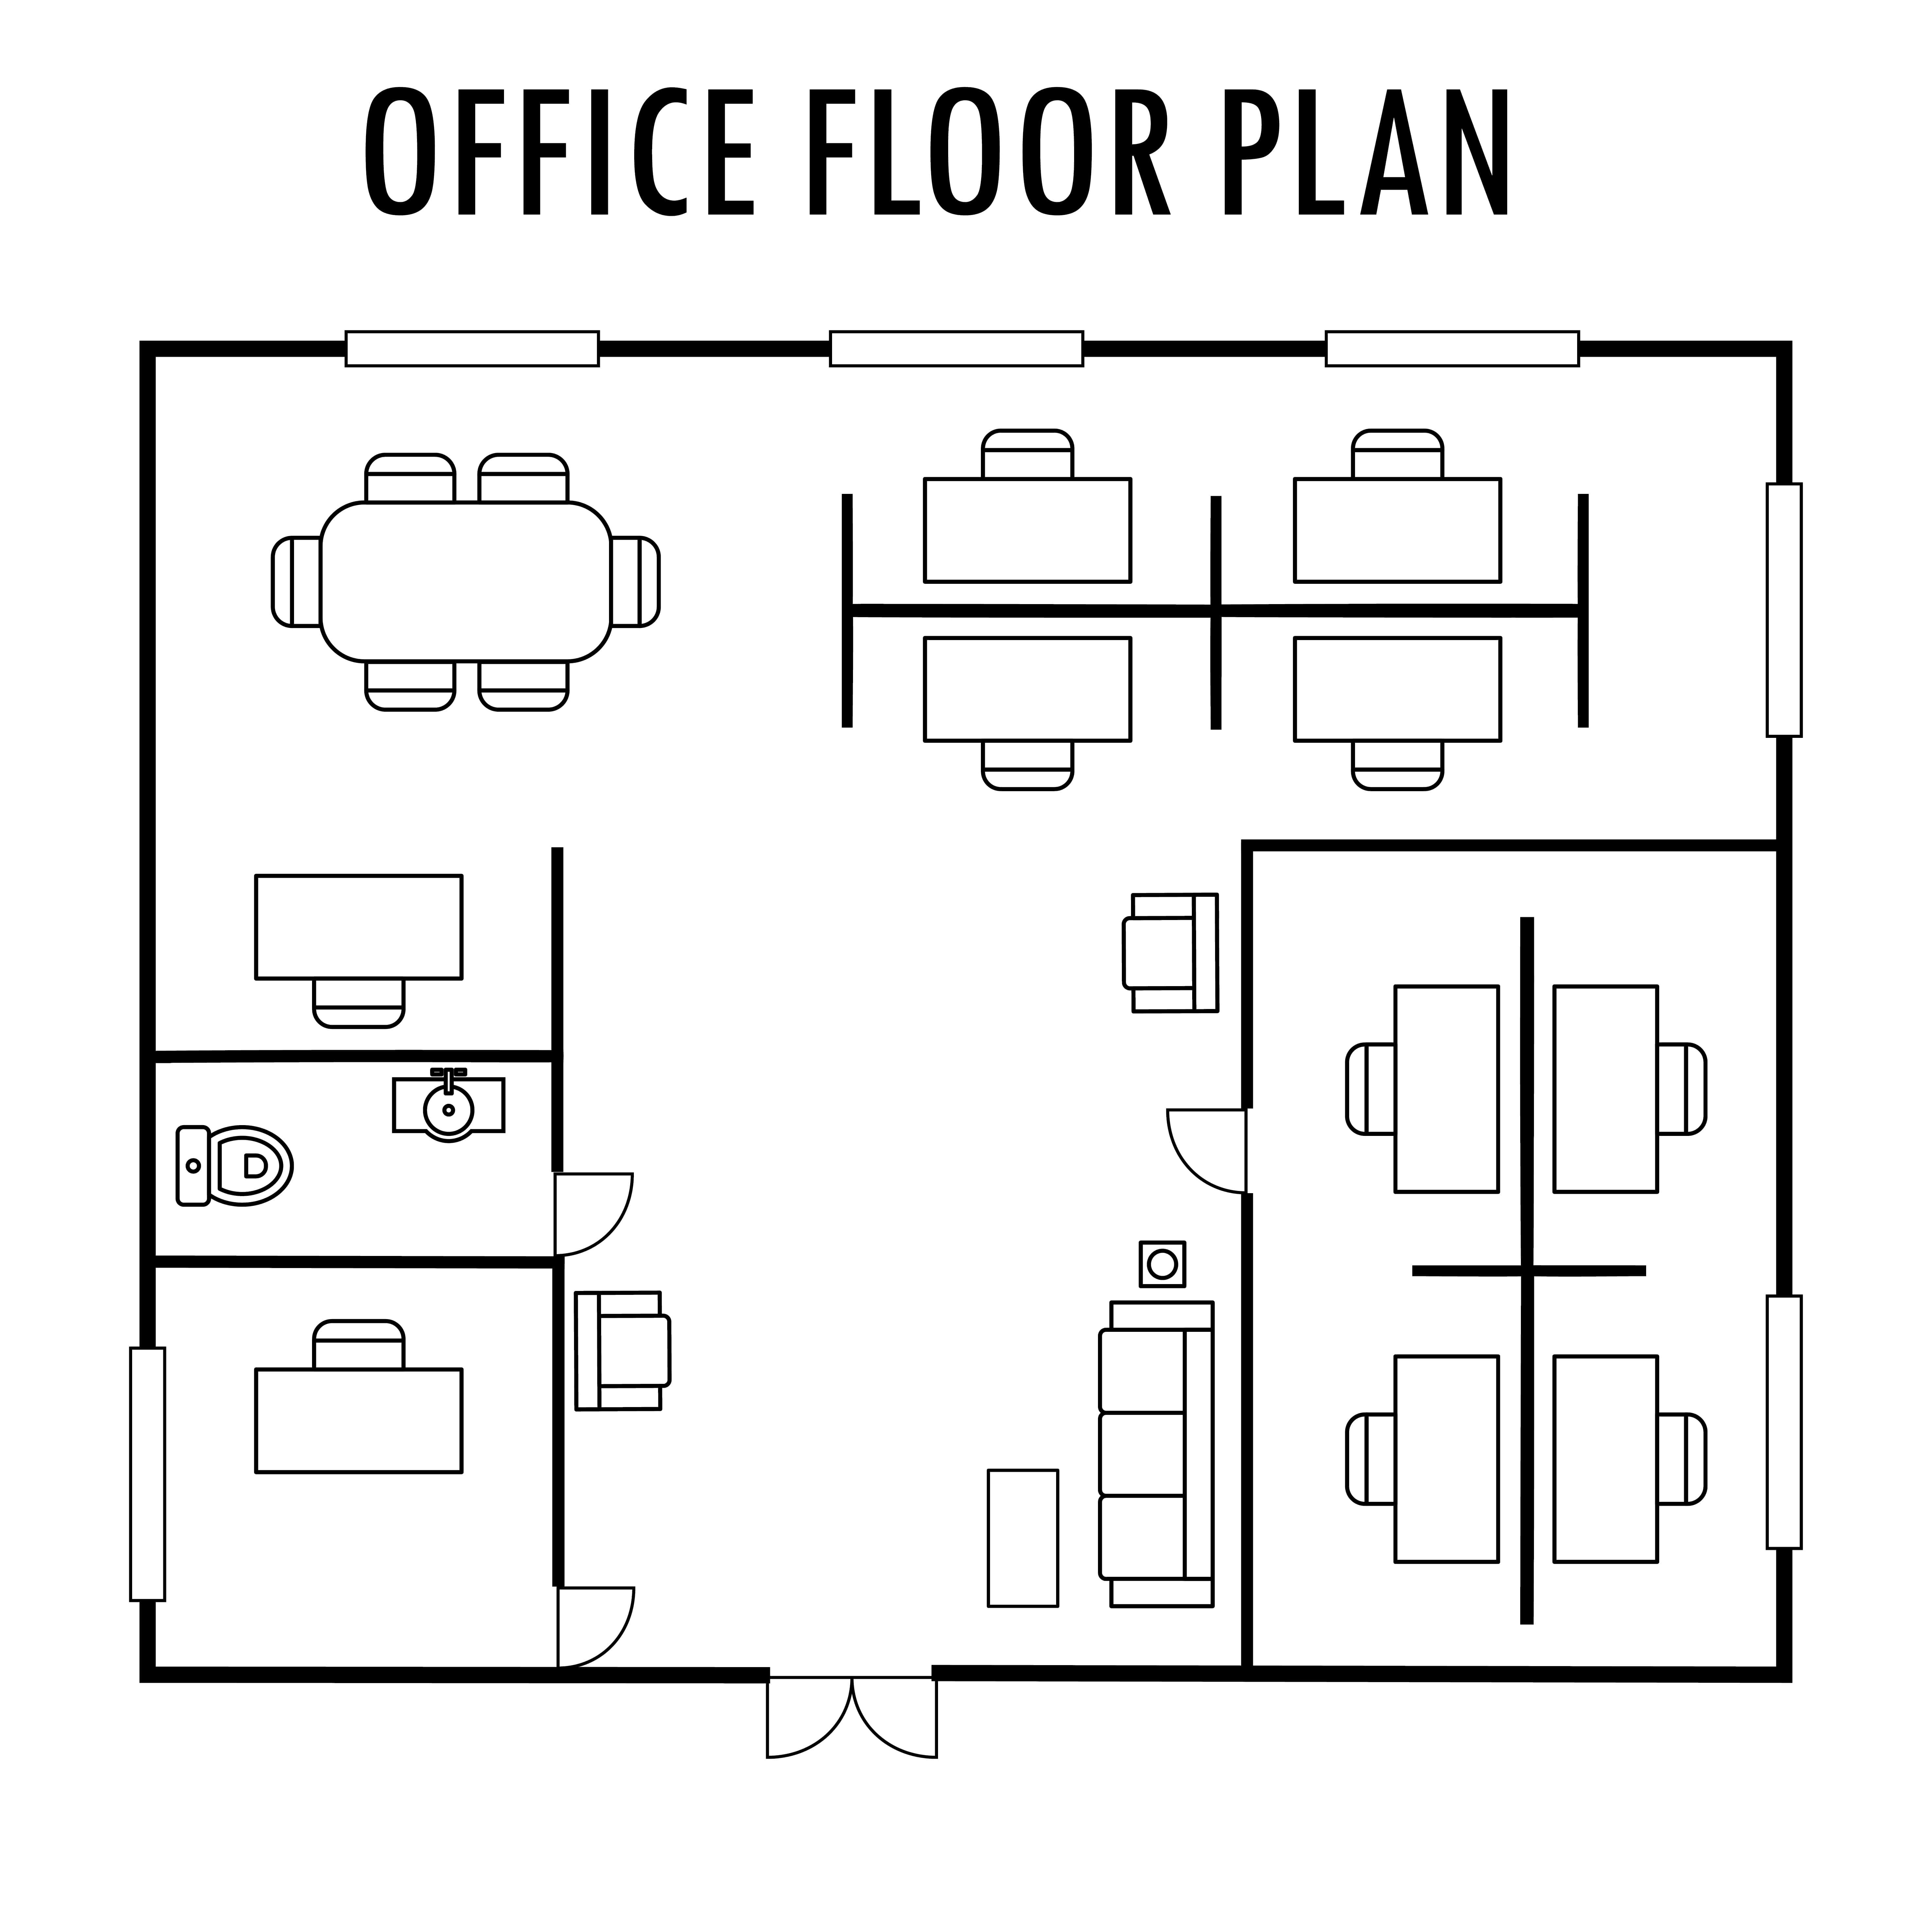 A floor plan of an office